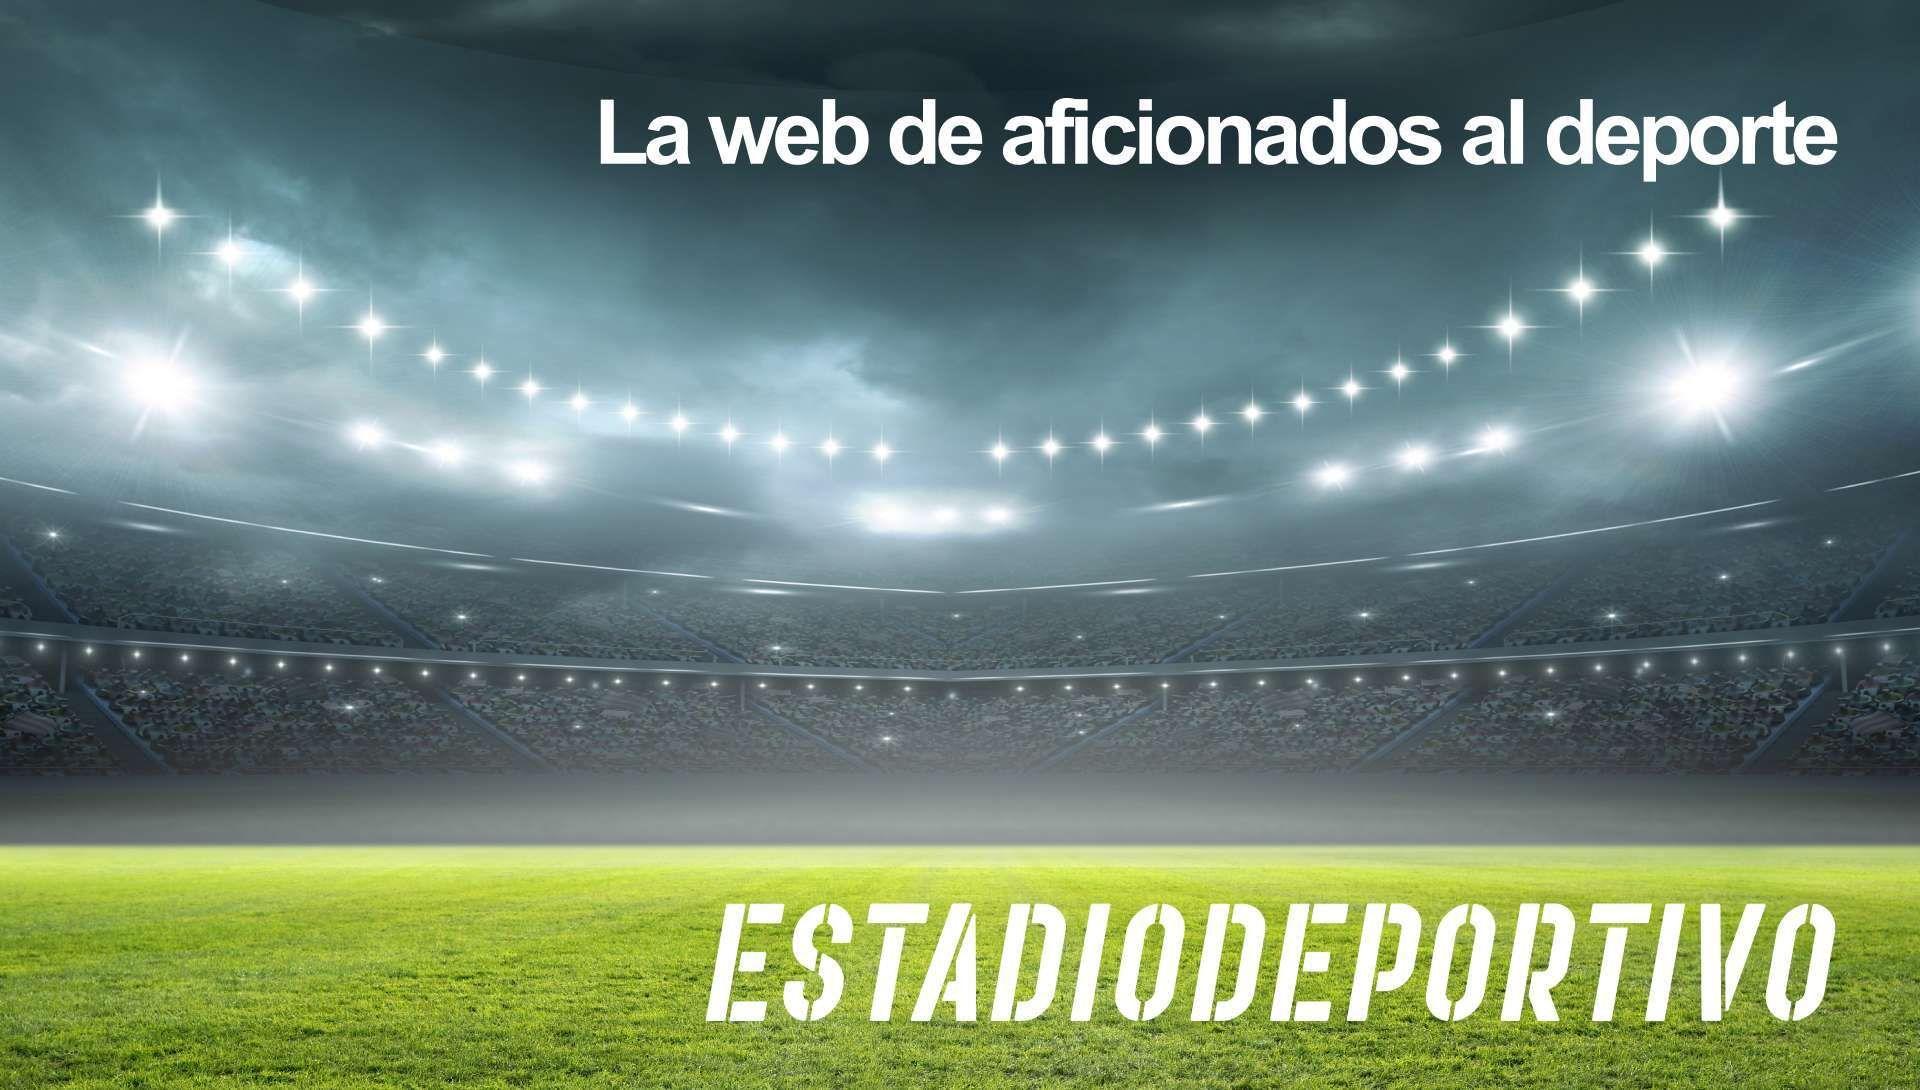 Las portadas del domingo 15 de septiembre